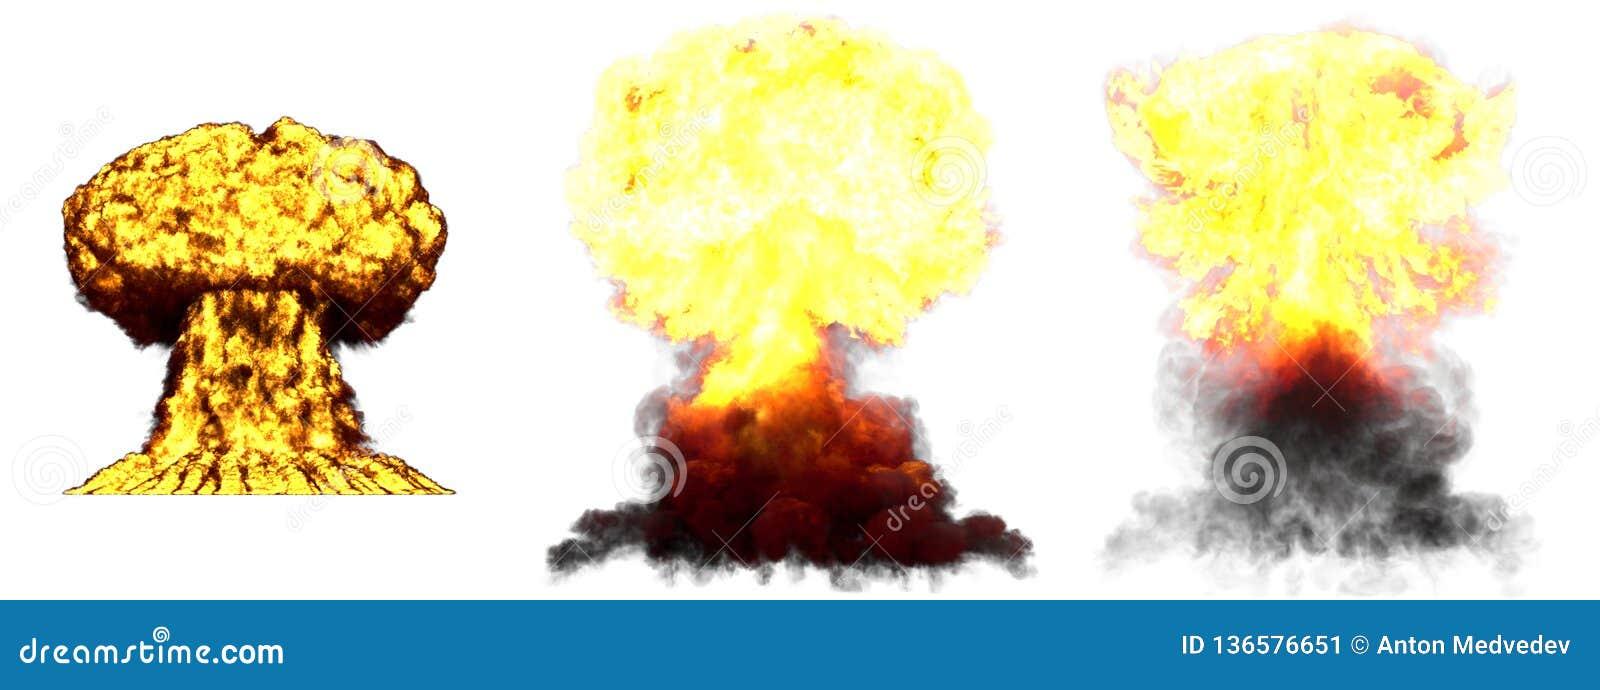 Ilustração 3D da explosão - explosão diferente muito altamente detalhada grande do cogumelo atômico de 3 fases da bomba de fusão